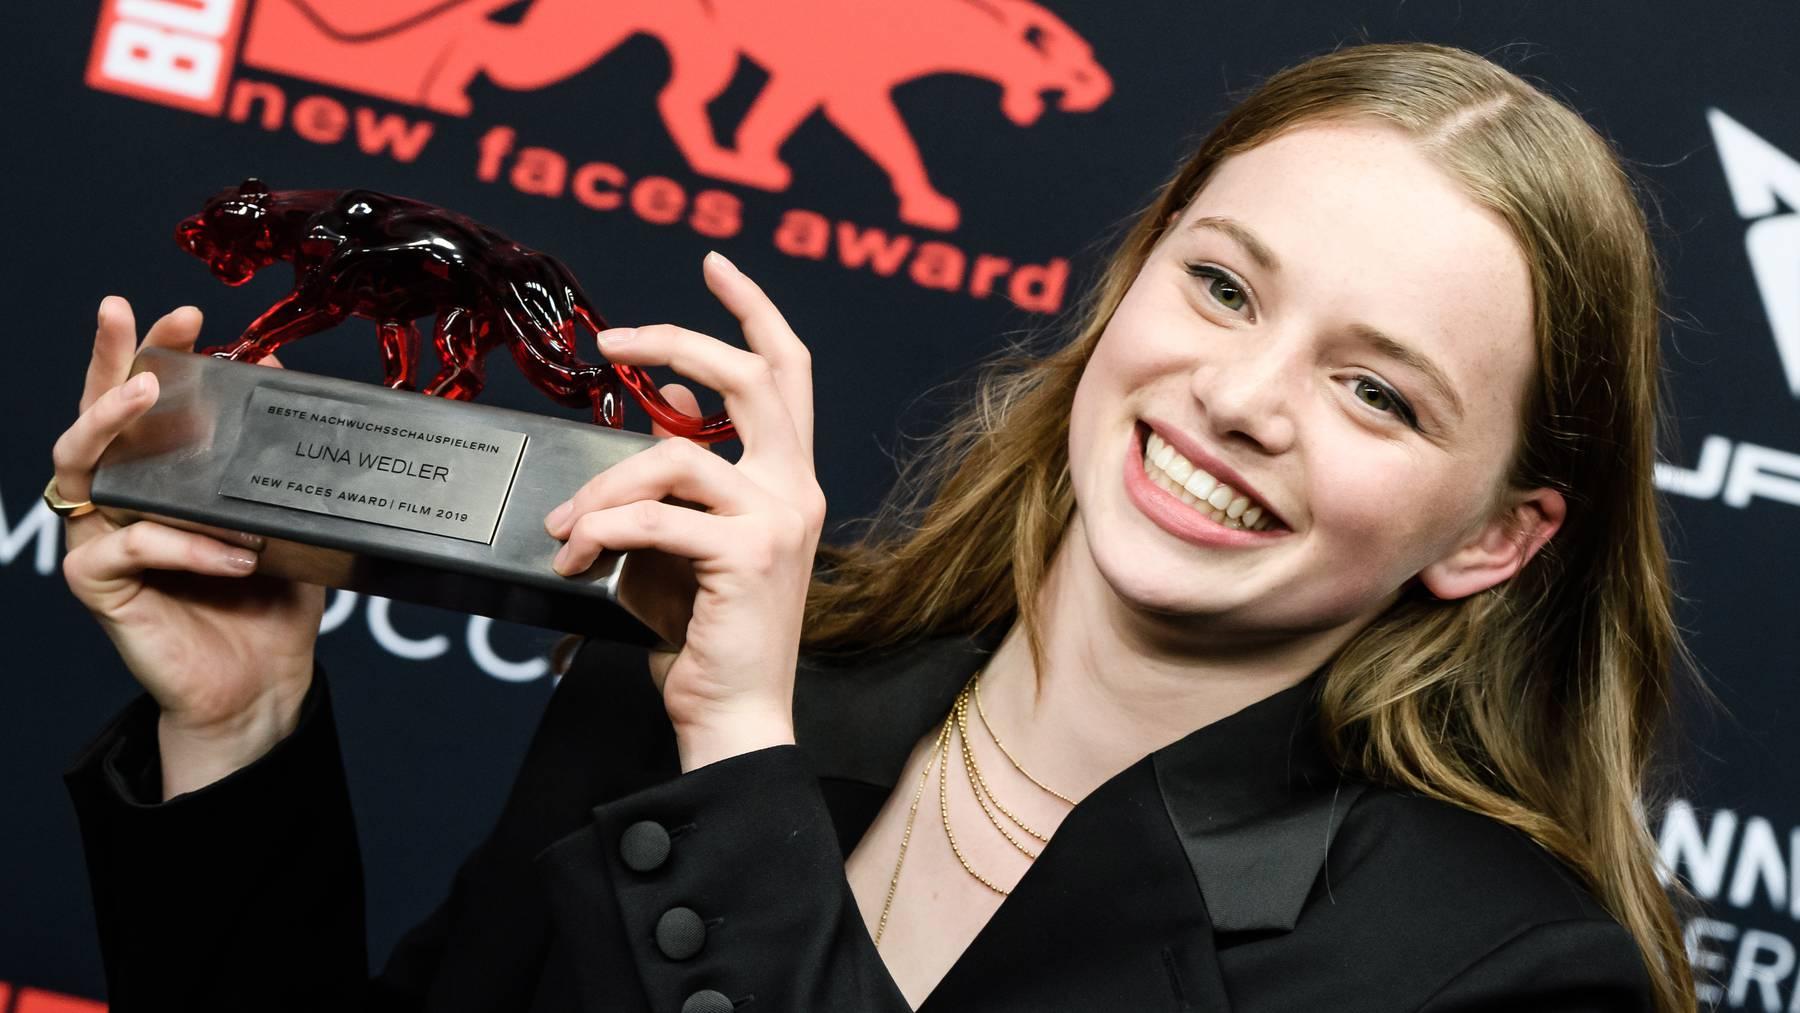 Luna Wedler ist die Schweizer Durchstarterin der Filmszene.